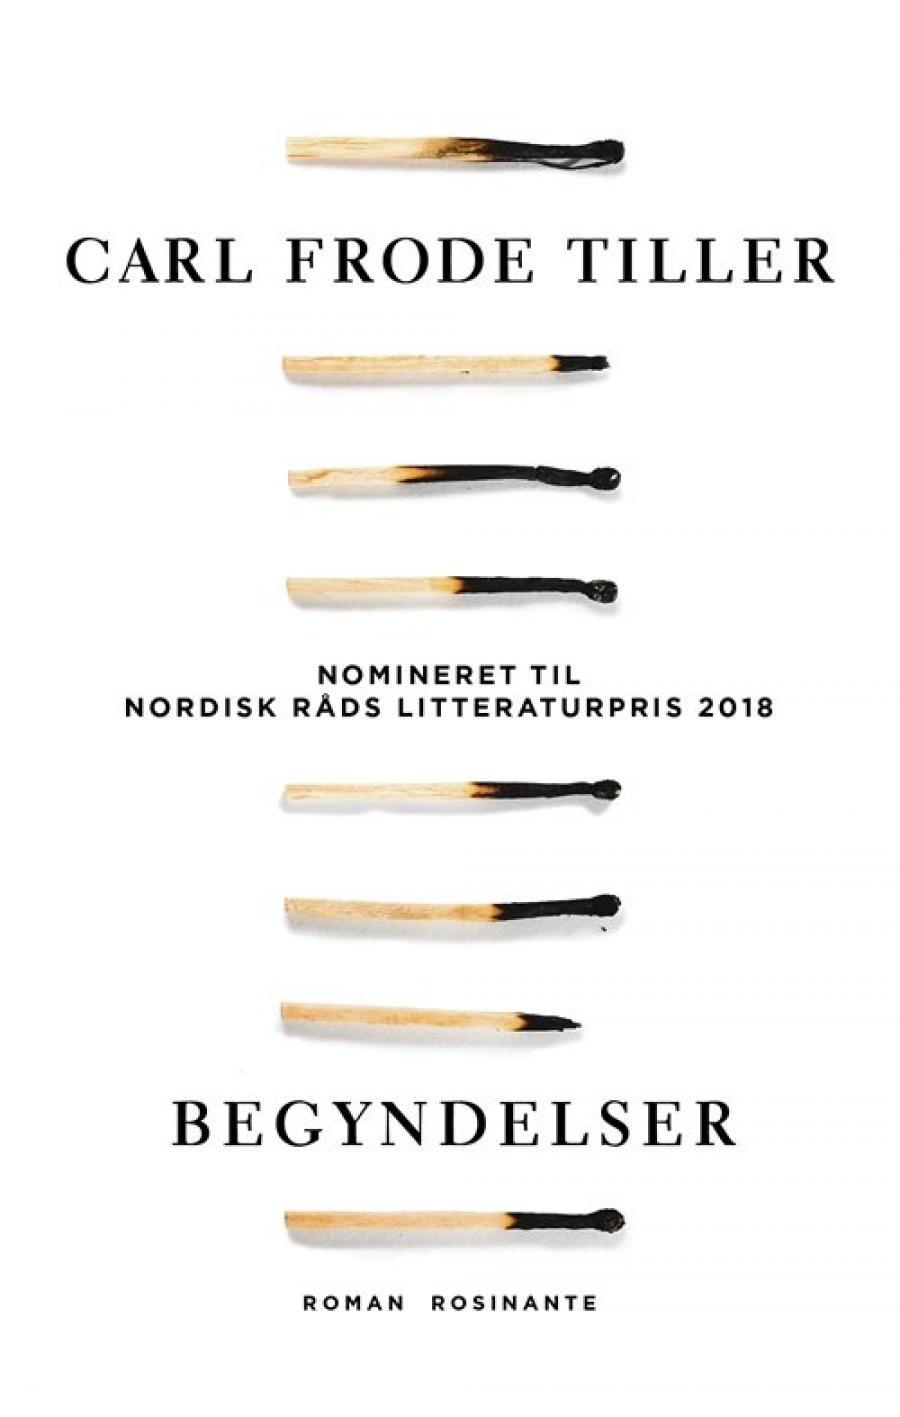 Begyndelser af Carl Frode Tiller